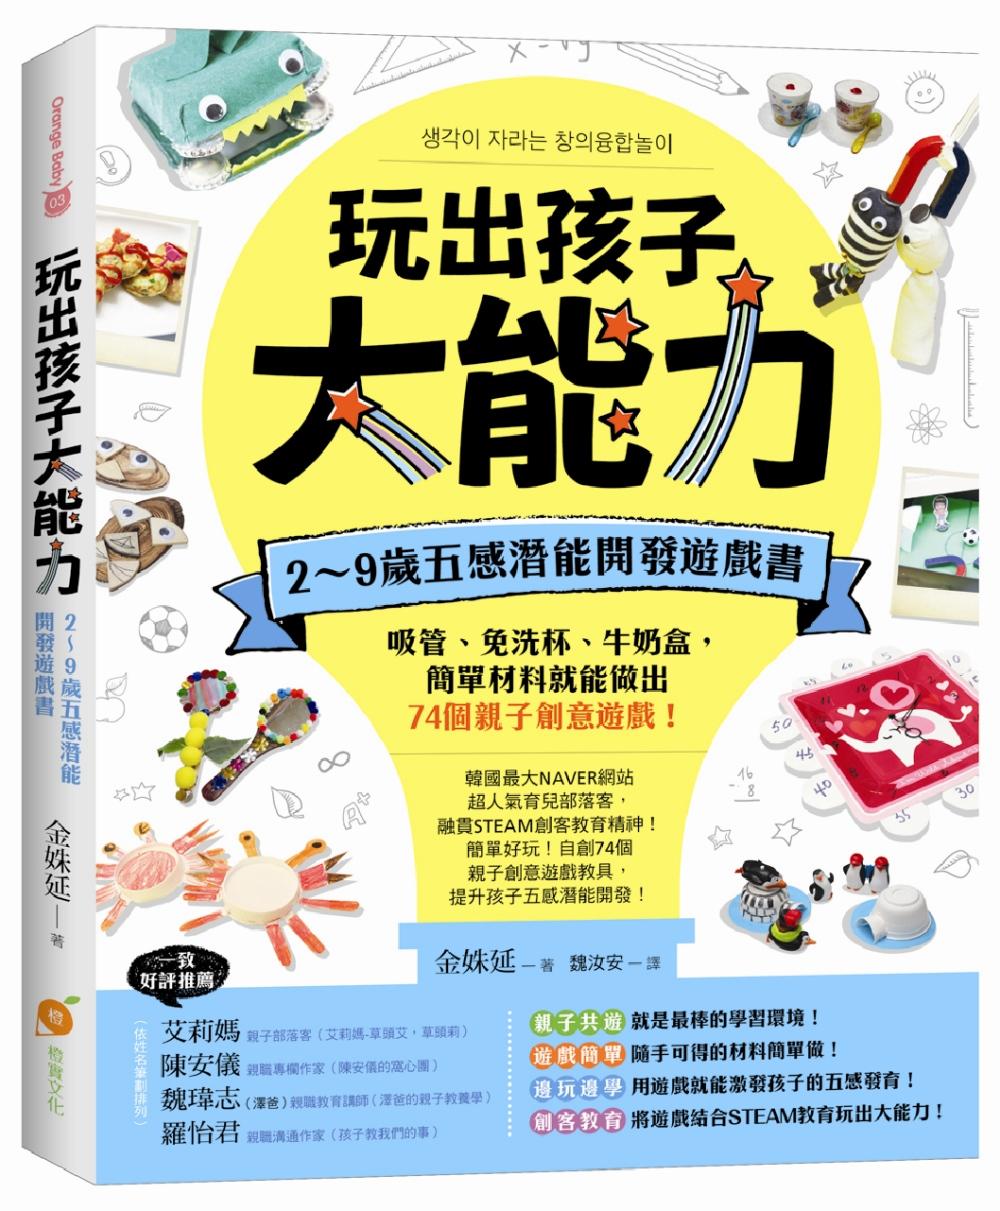 玩出孩子大能力:2~9歲五感潛能開發遊戲書,吸管、免洗杯、牛奶盒,簡單材料就能做出74個親子創意遊戲!